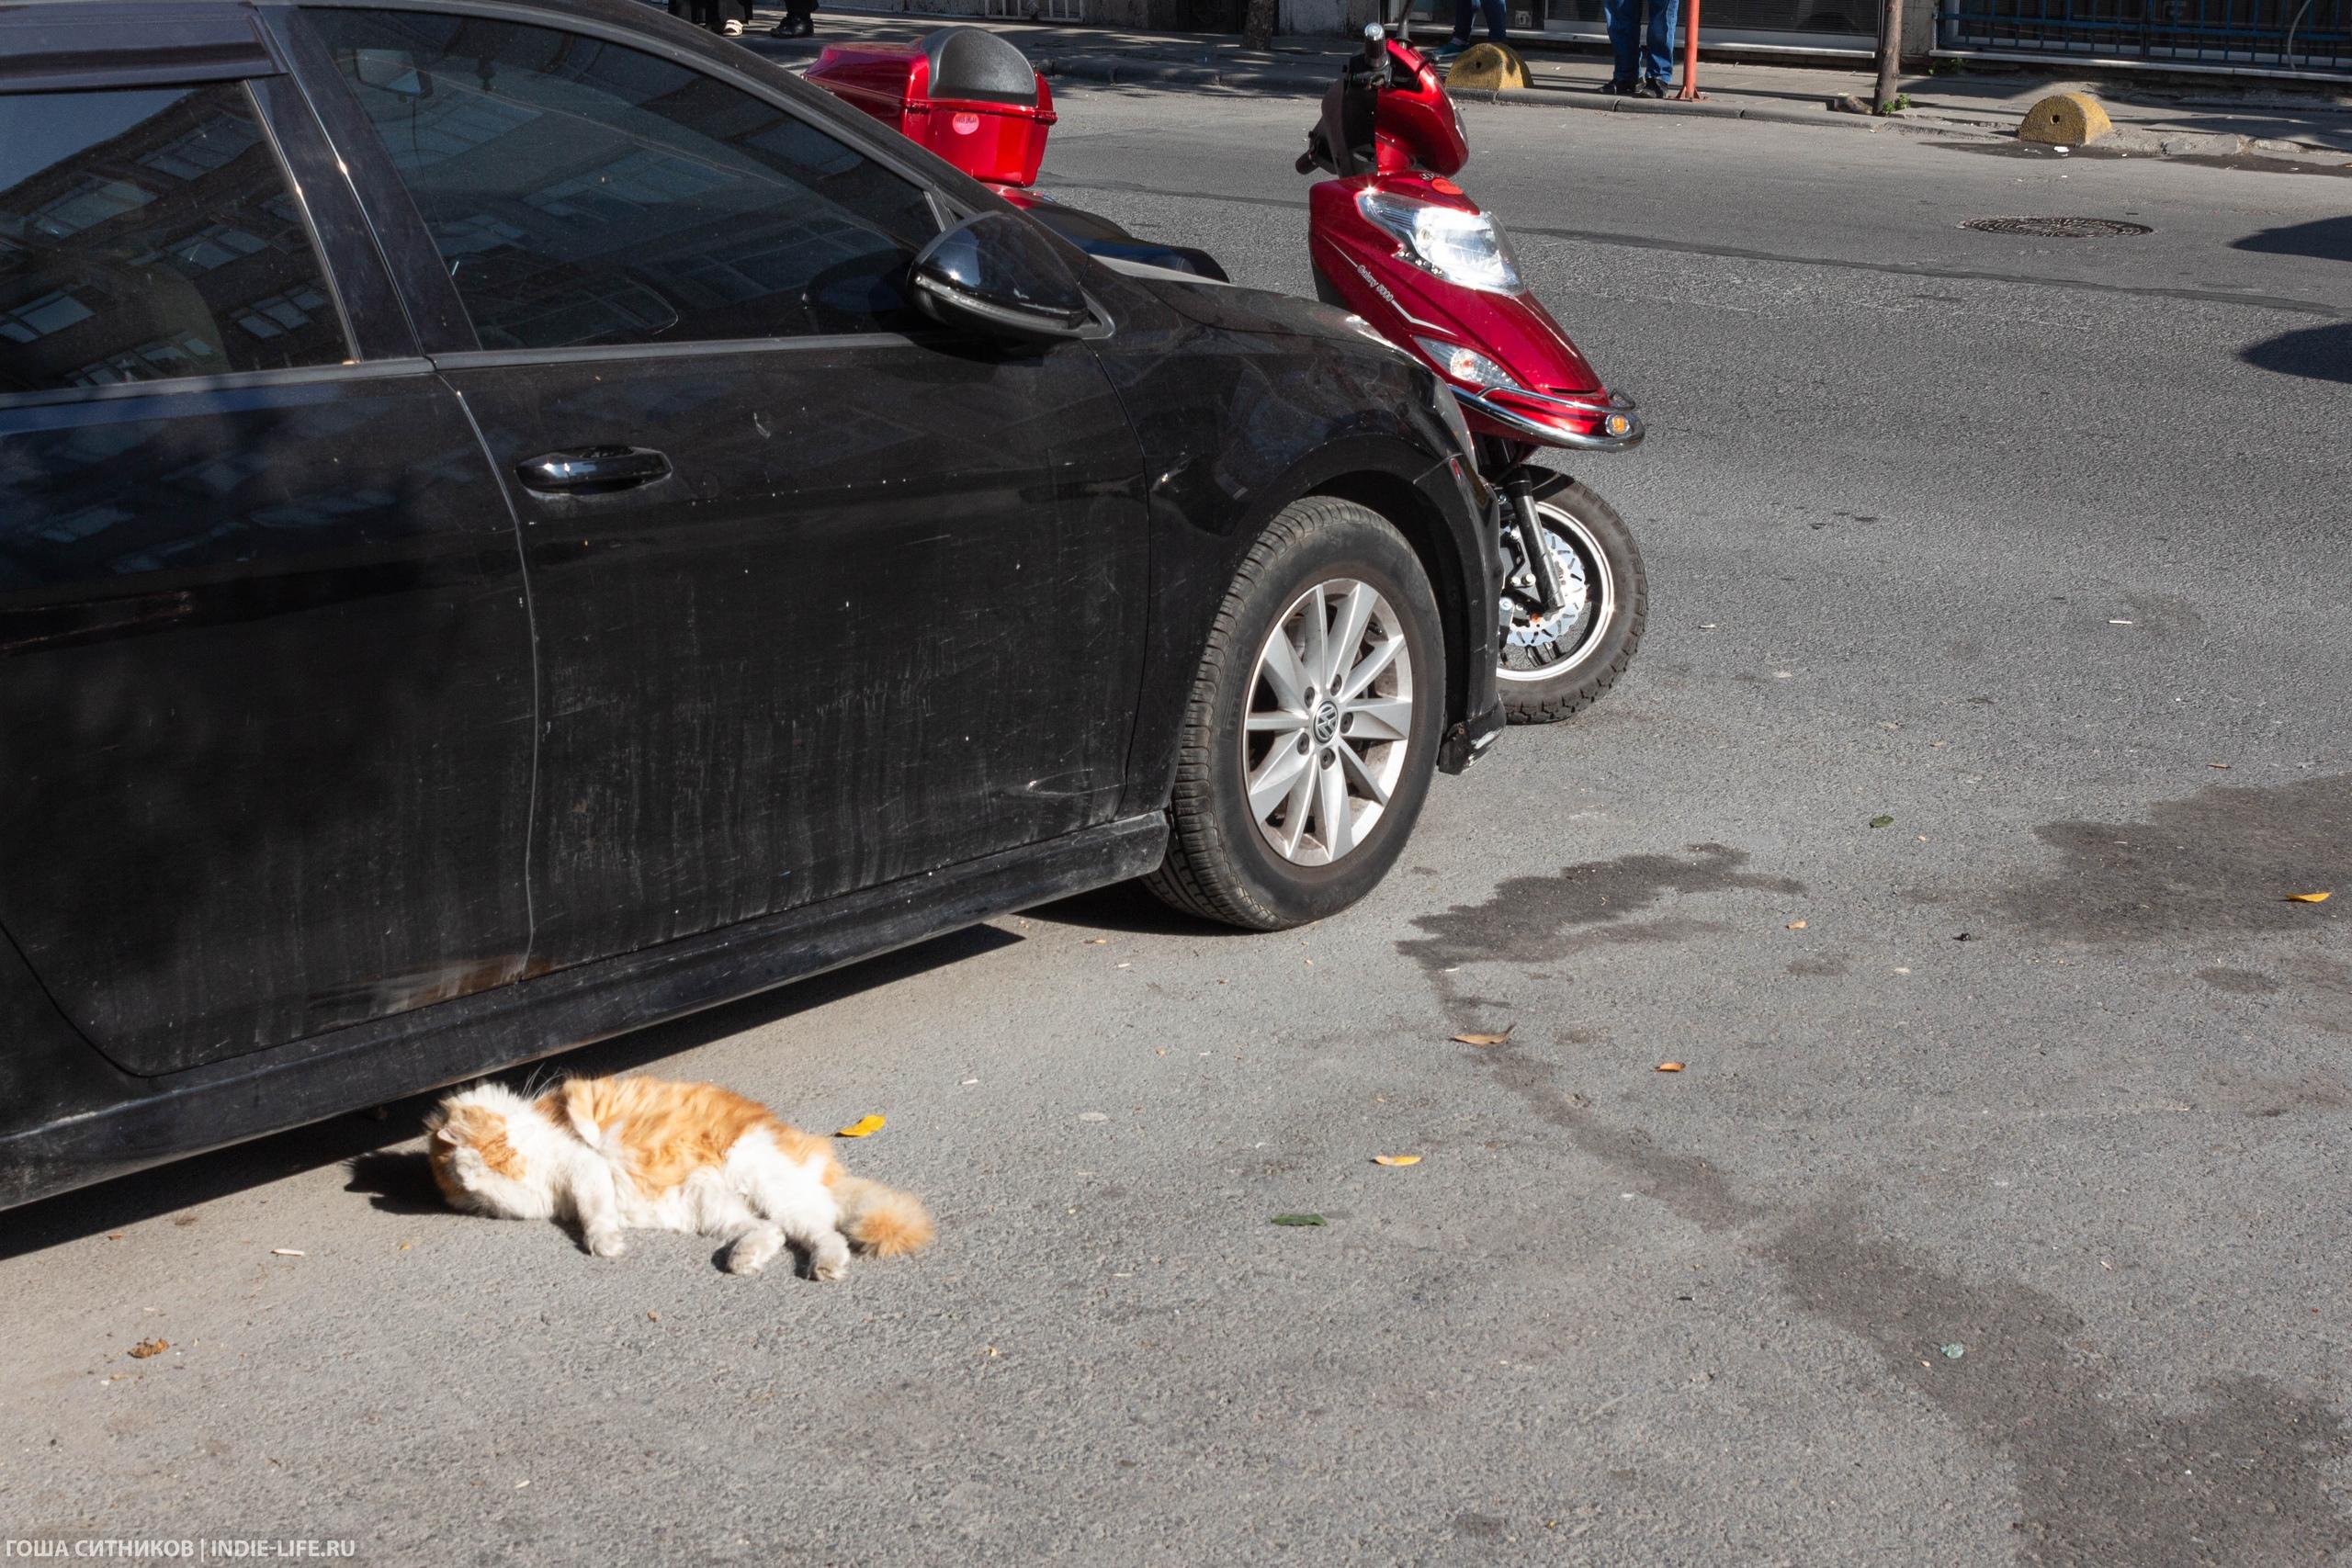 Кот на солнце перед машиной